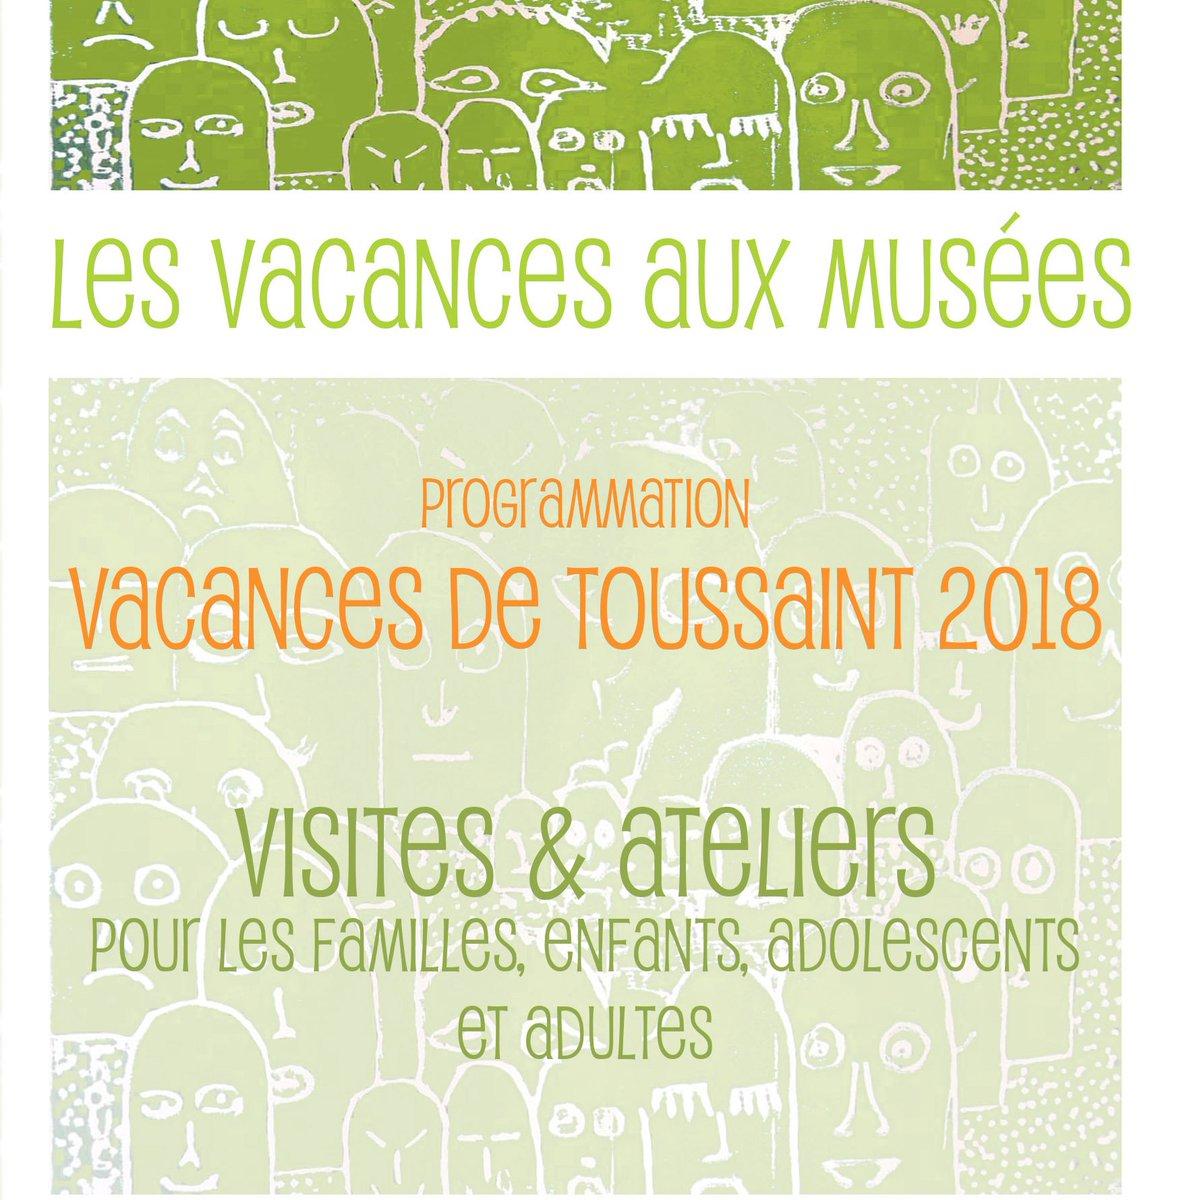 #Poésie, #reliure, #écriture et #gravure sont au programme des prochaines #vacances au musée Mandet.Tout le #programme http://bit.ly/2OdaSwC  - FestivalFocus